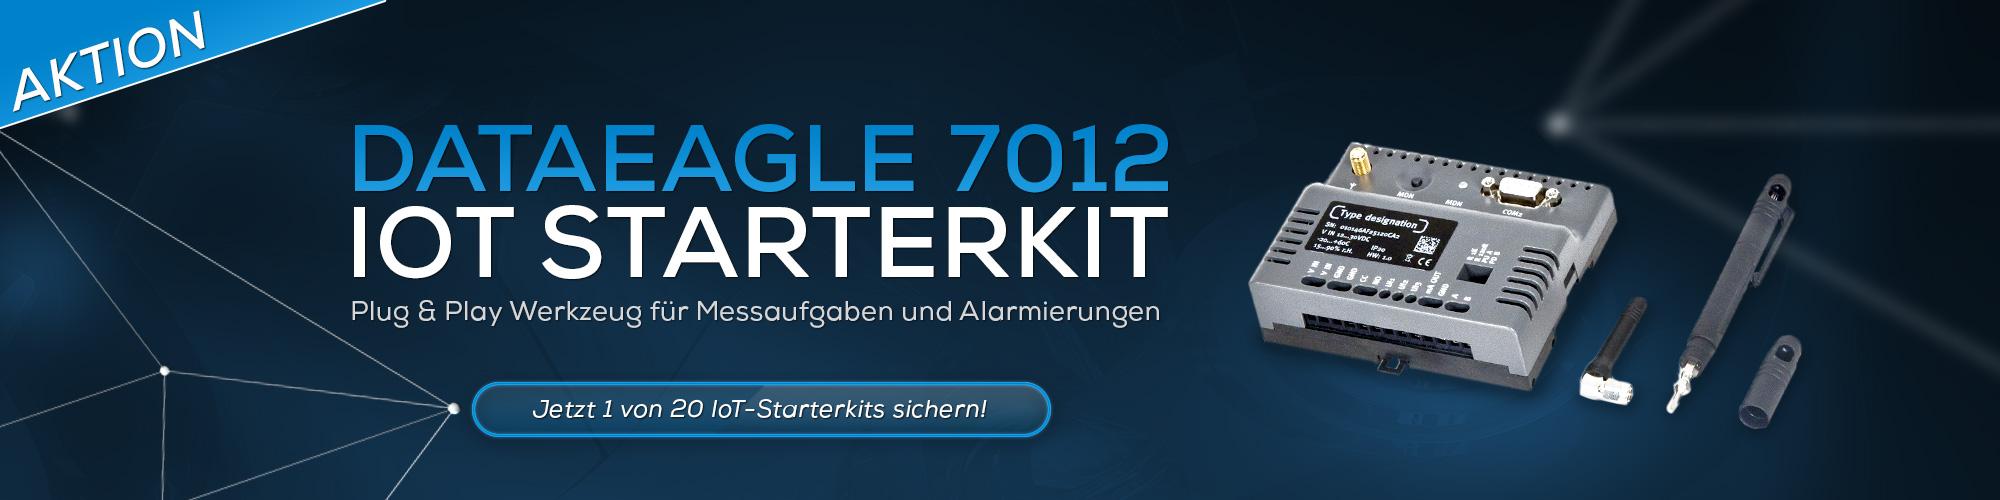 Dataeagle 7012 IOT Starterkit